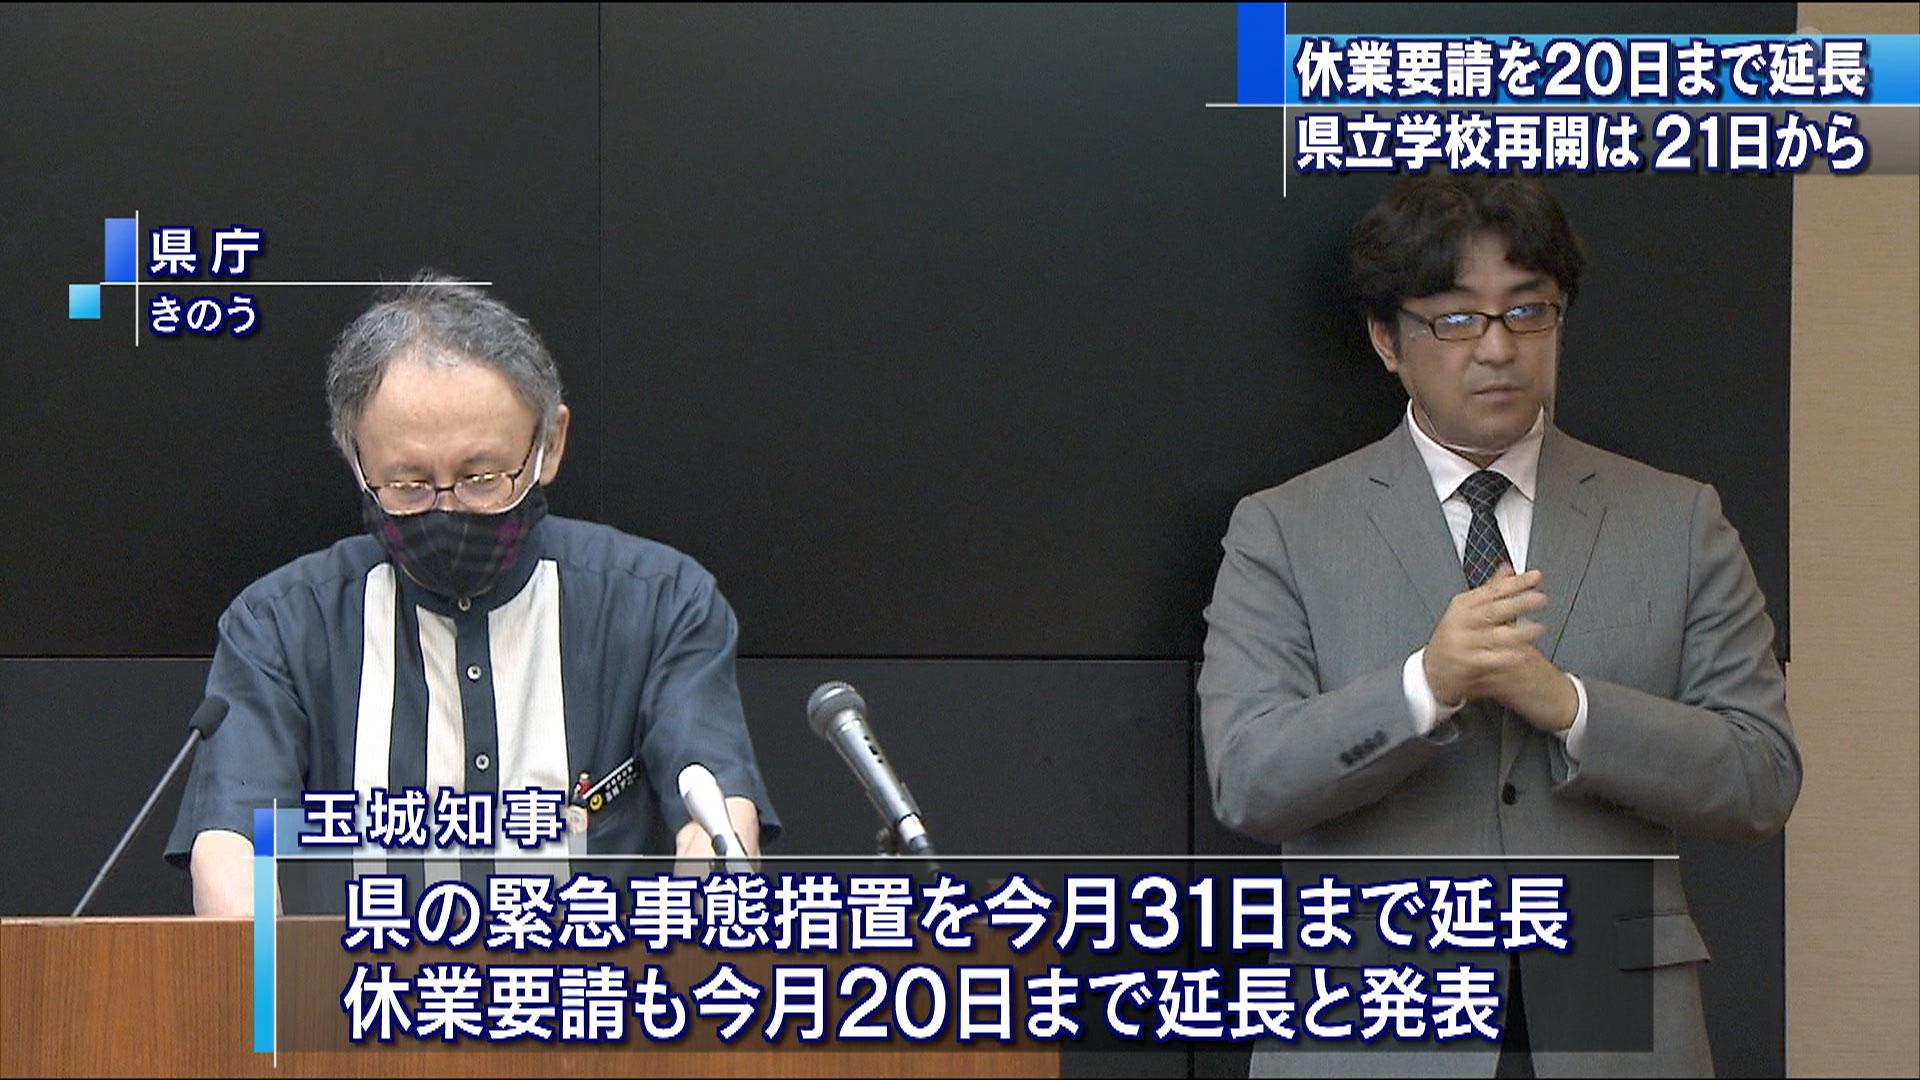 県の緊急事態措置延長 休業要請は20日まで